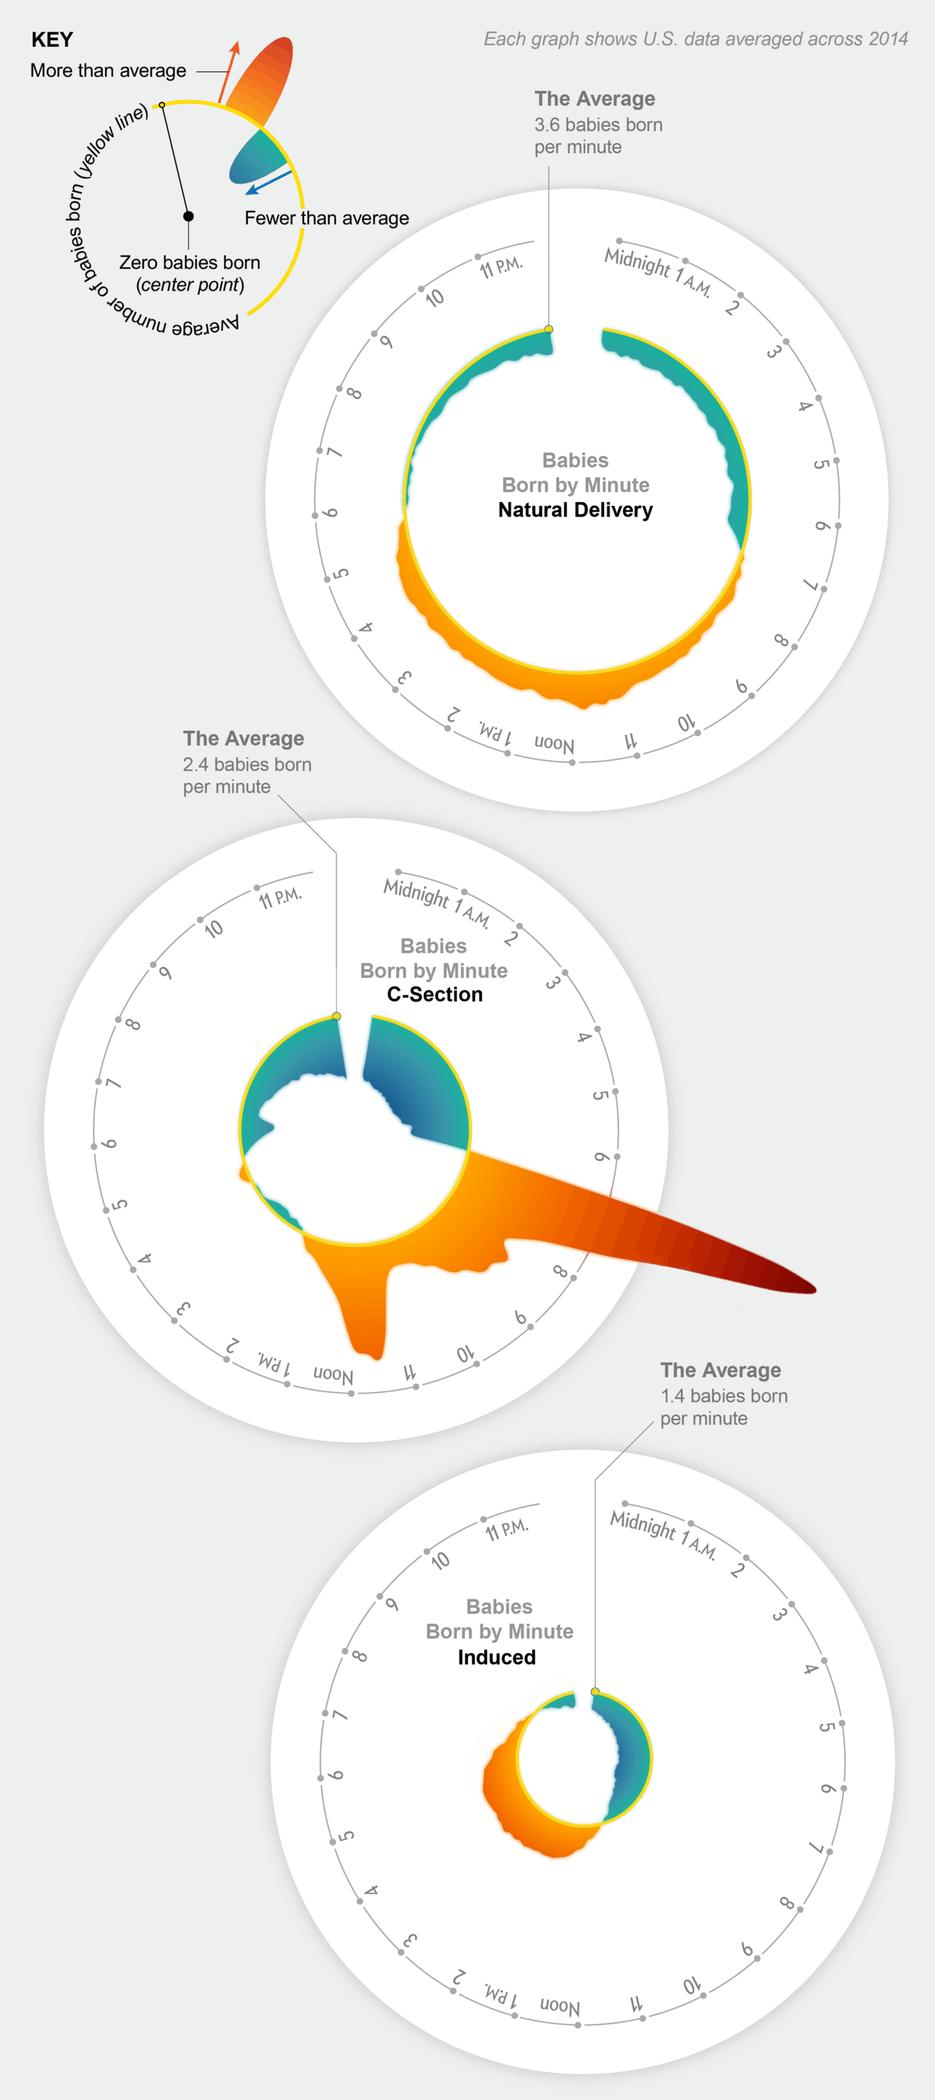 为何美国大多数婴儿生于早上8:00 和剖腹产有关?